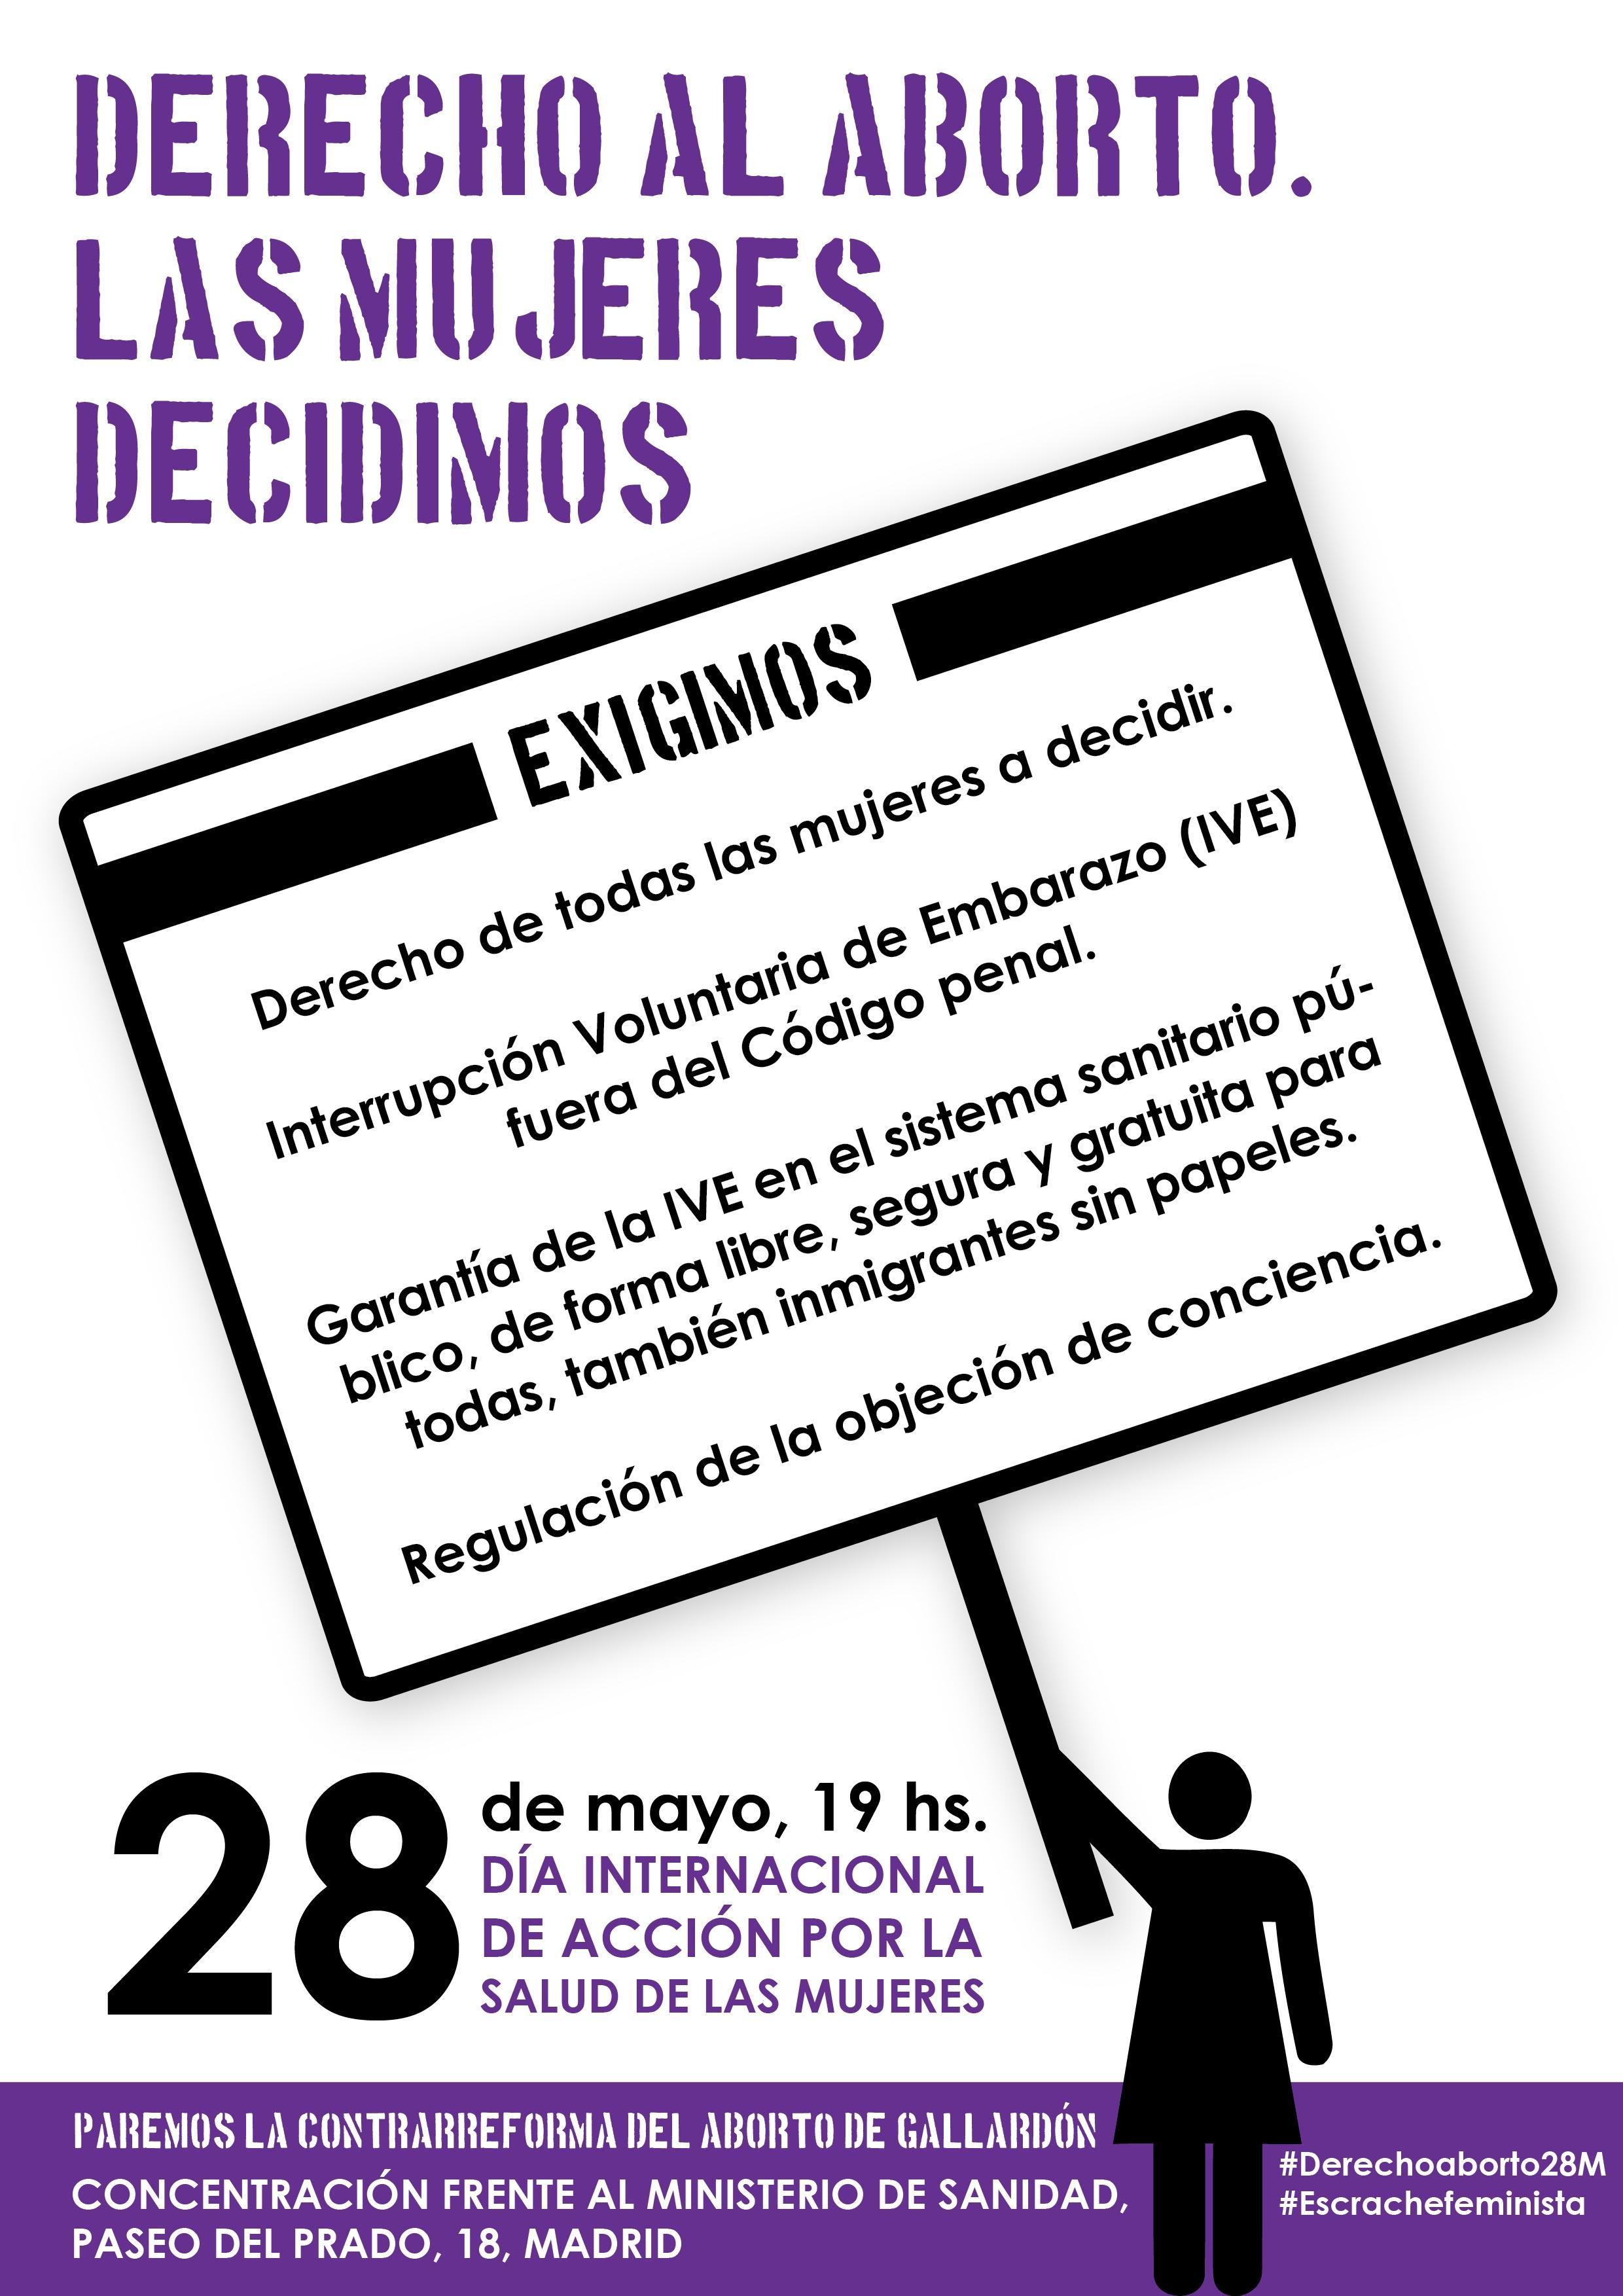 Derecho aborto28M.jpg